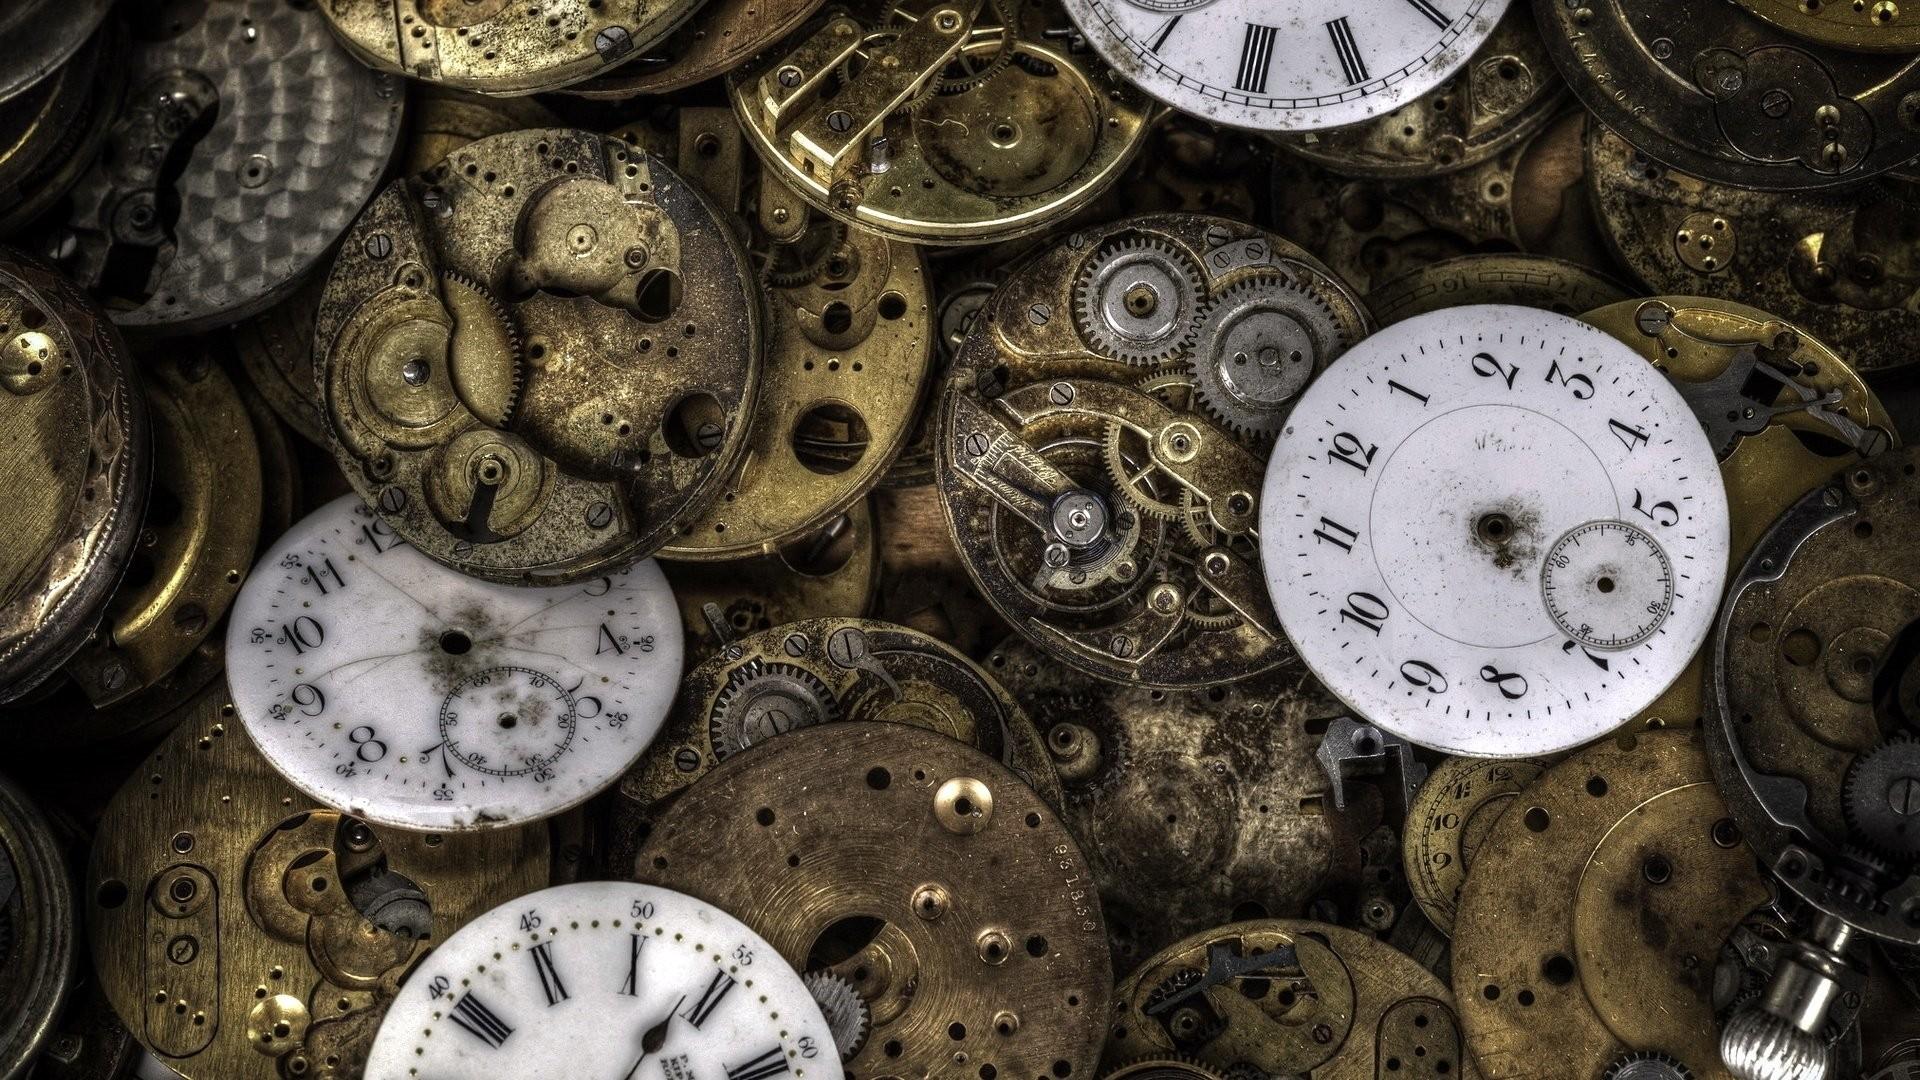 Clock hd wallpaper download